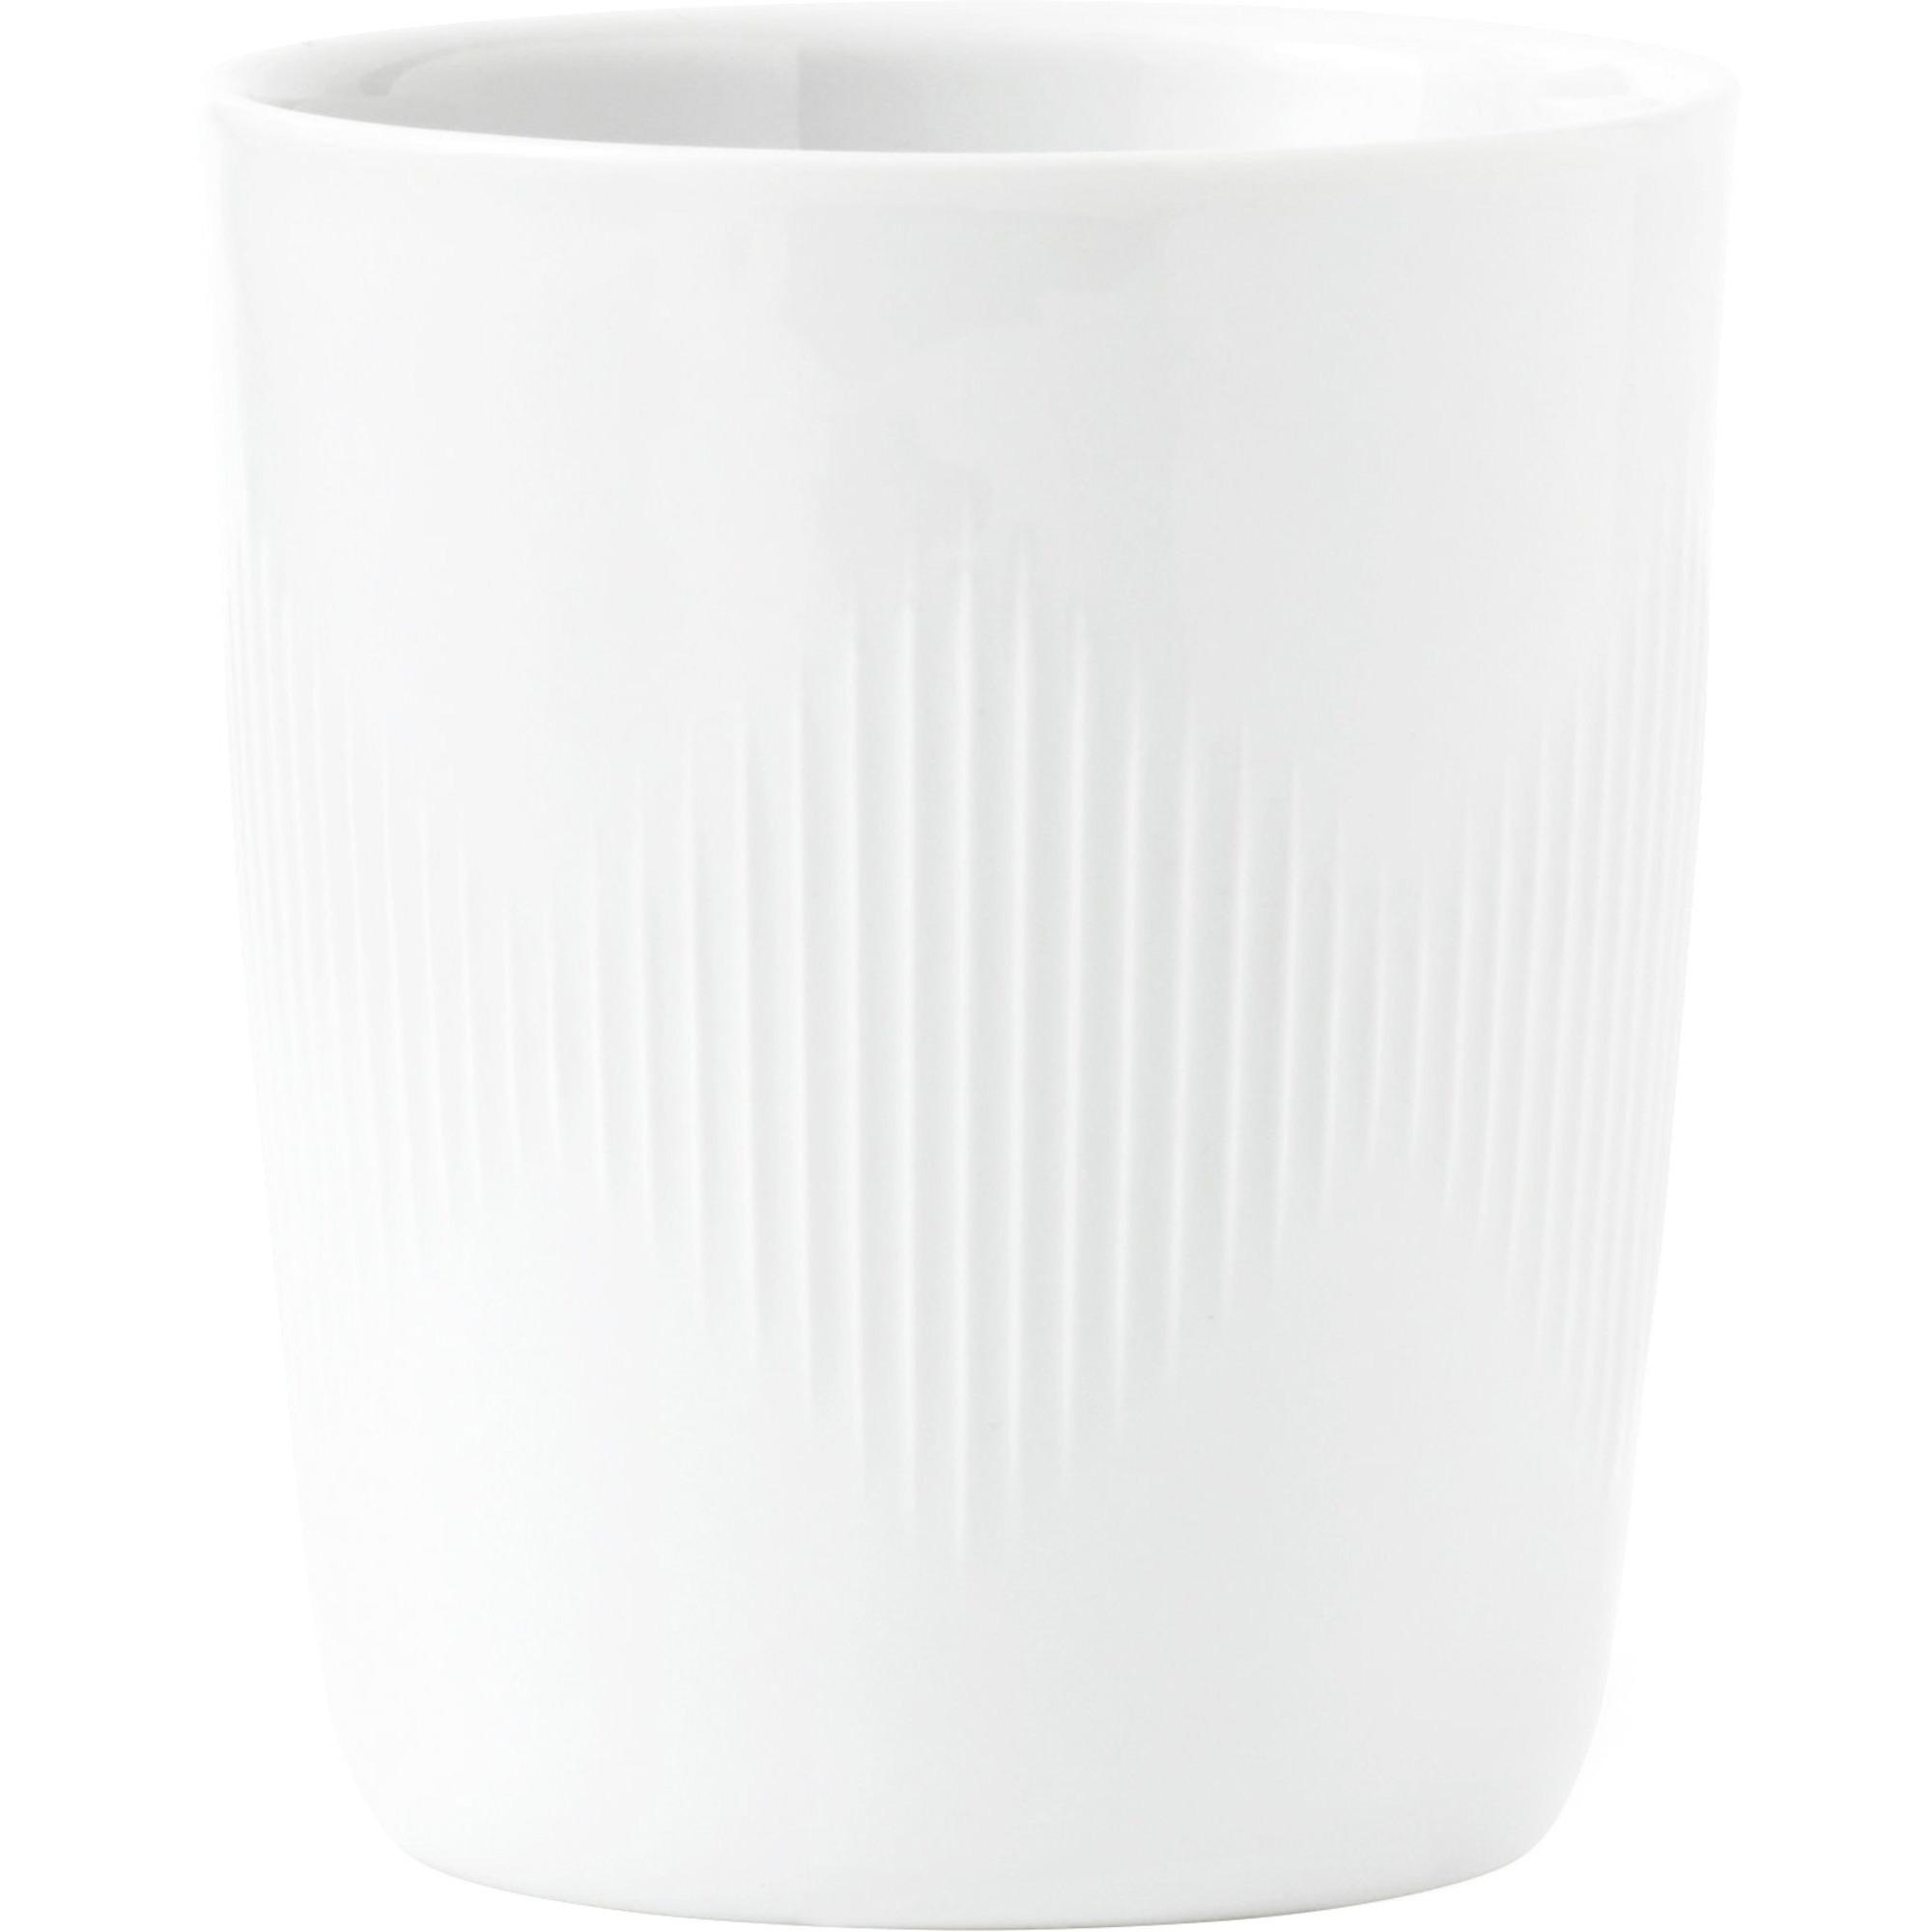 Lyngby Porcelæn 2 st. Thermodan kaffekopp